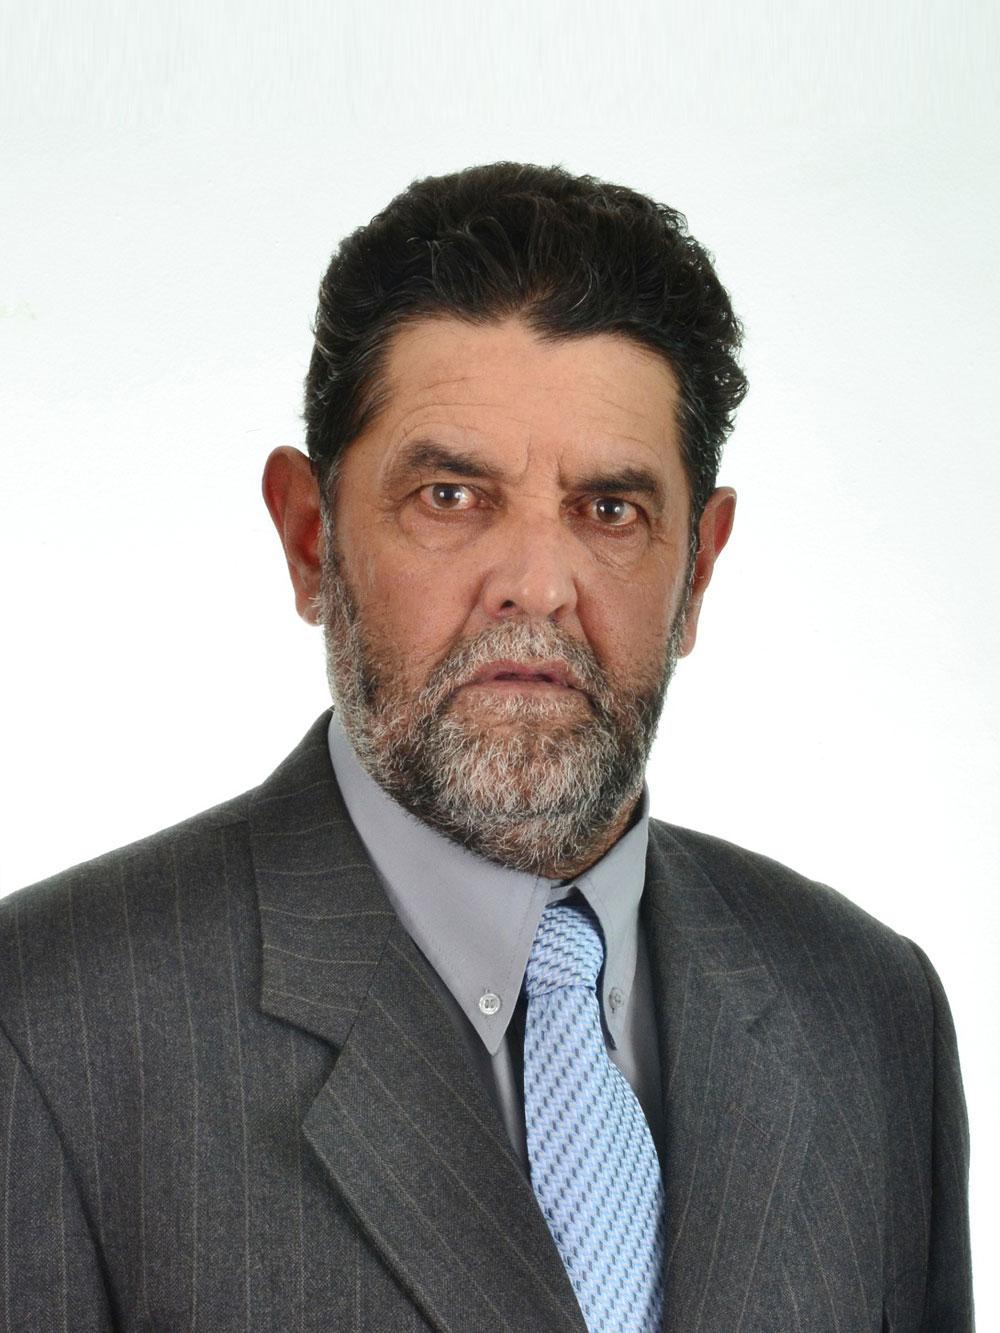 Vereador Edson da Silva Braga